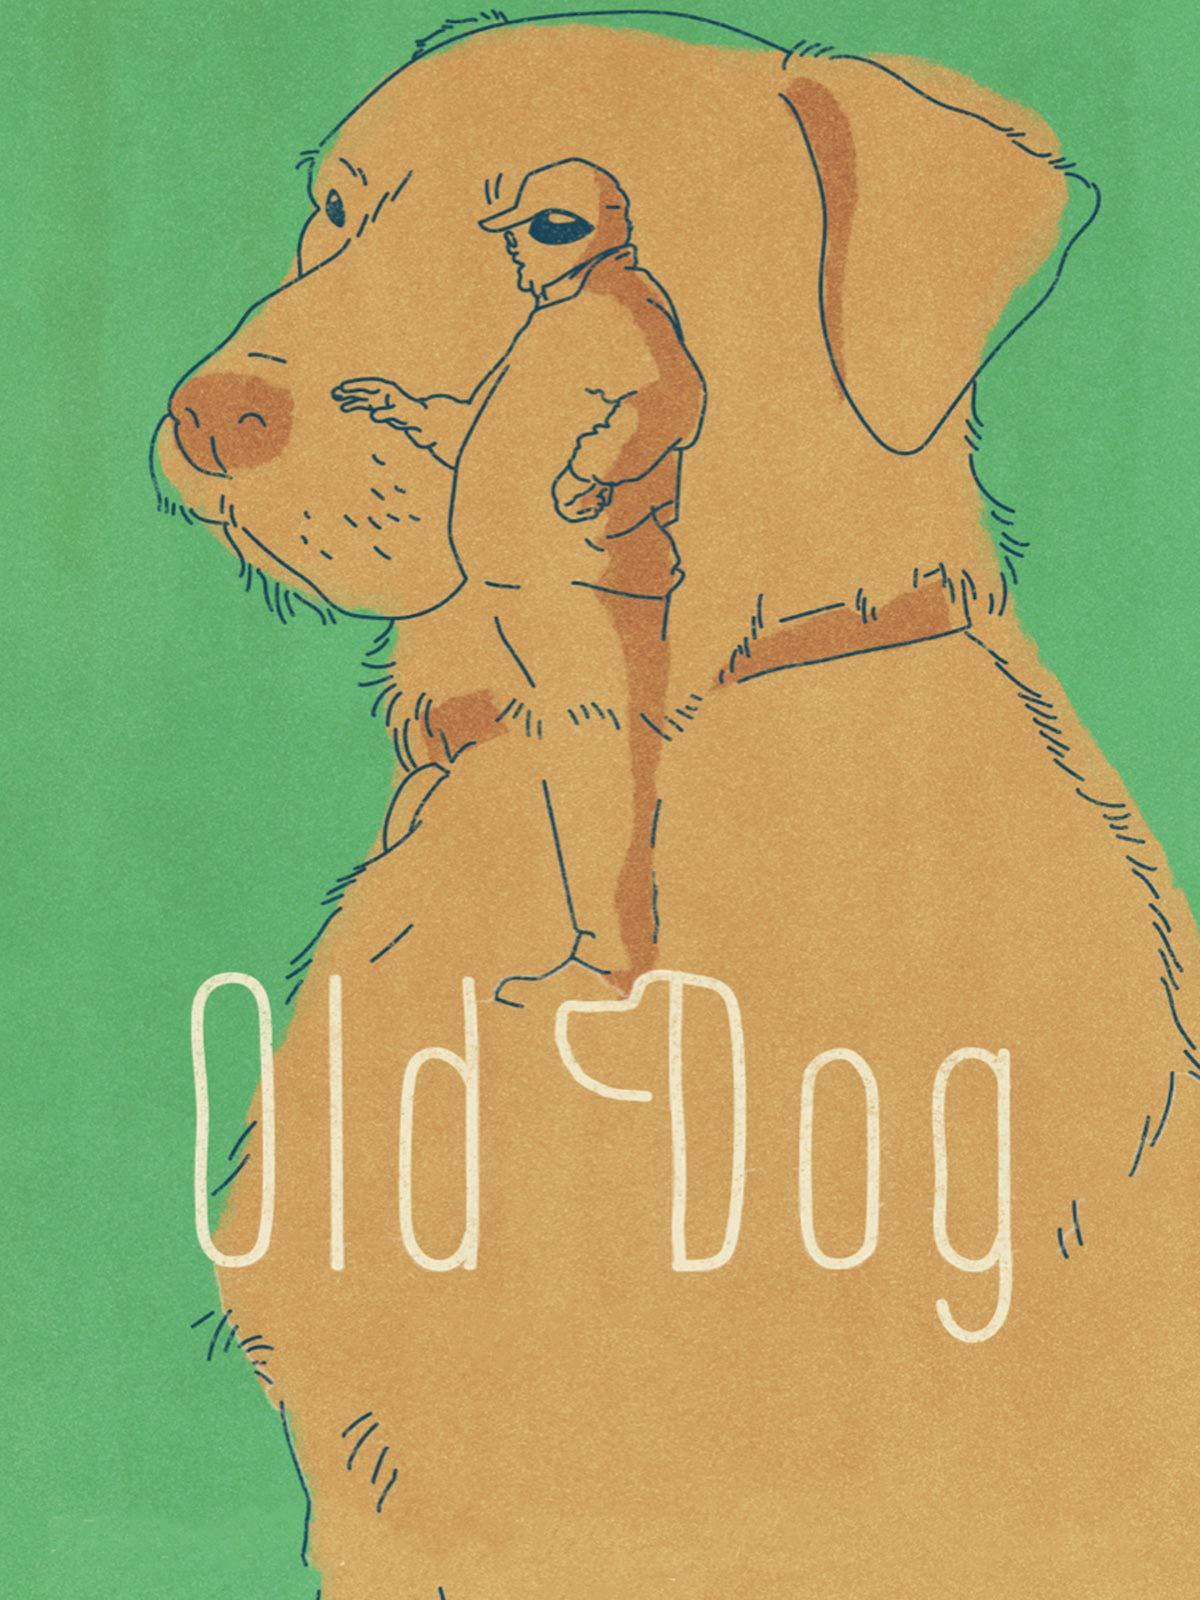 Old Dog on Amazon Prime Video UK